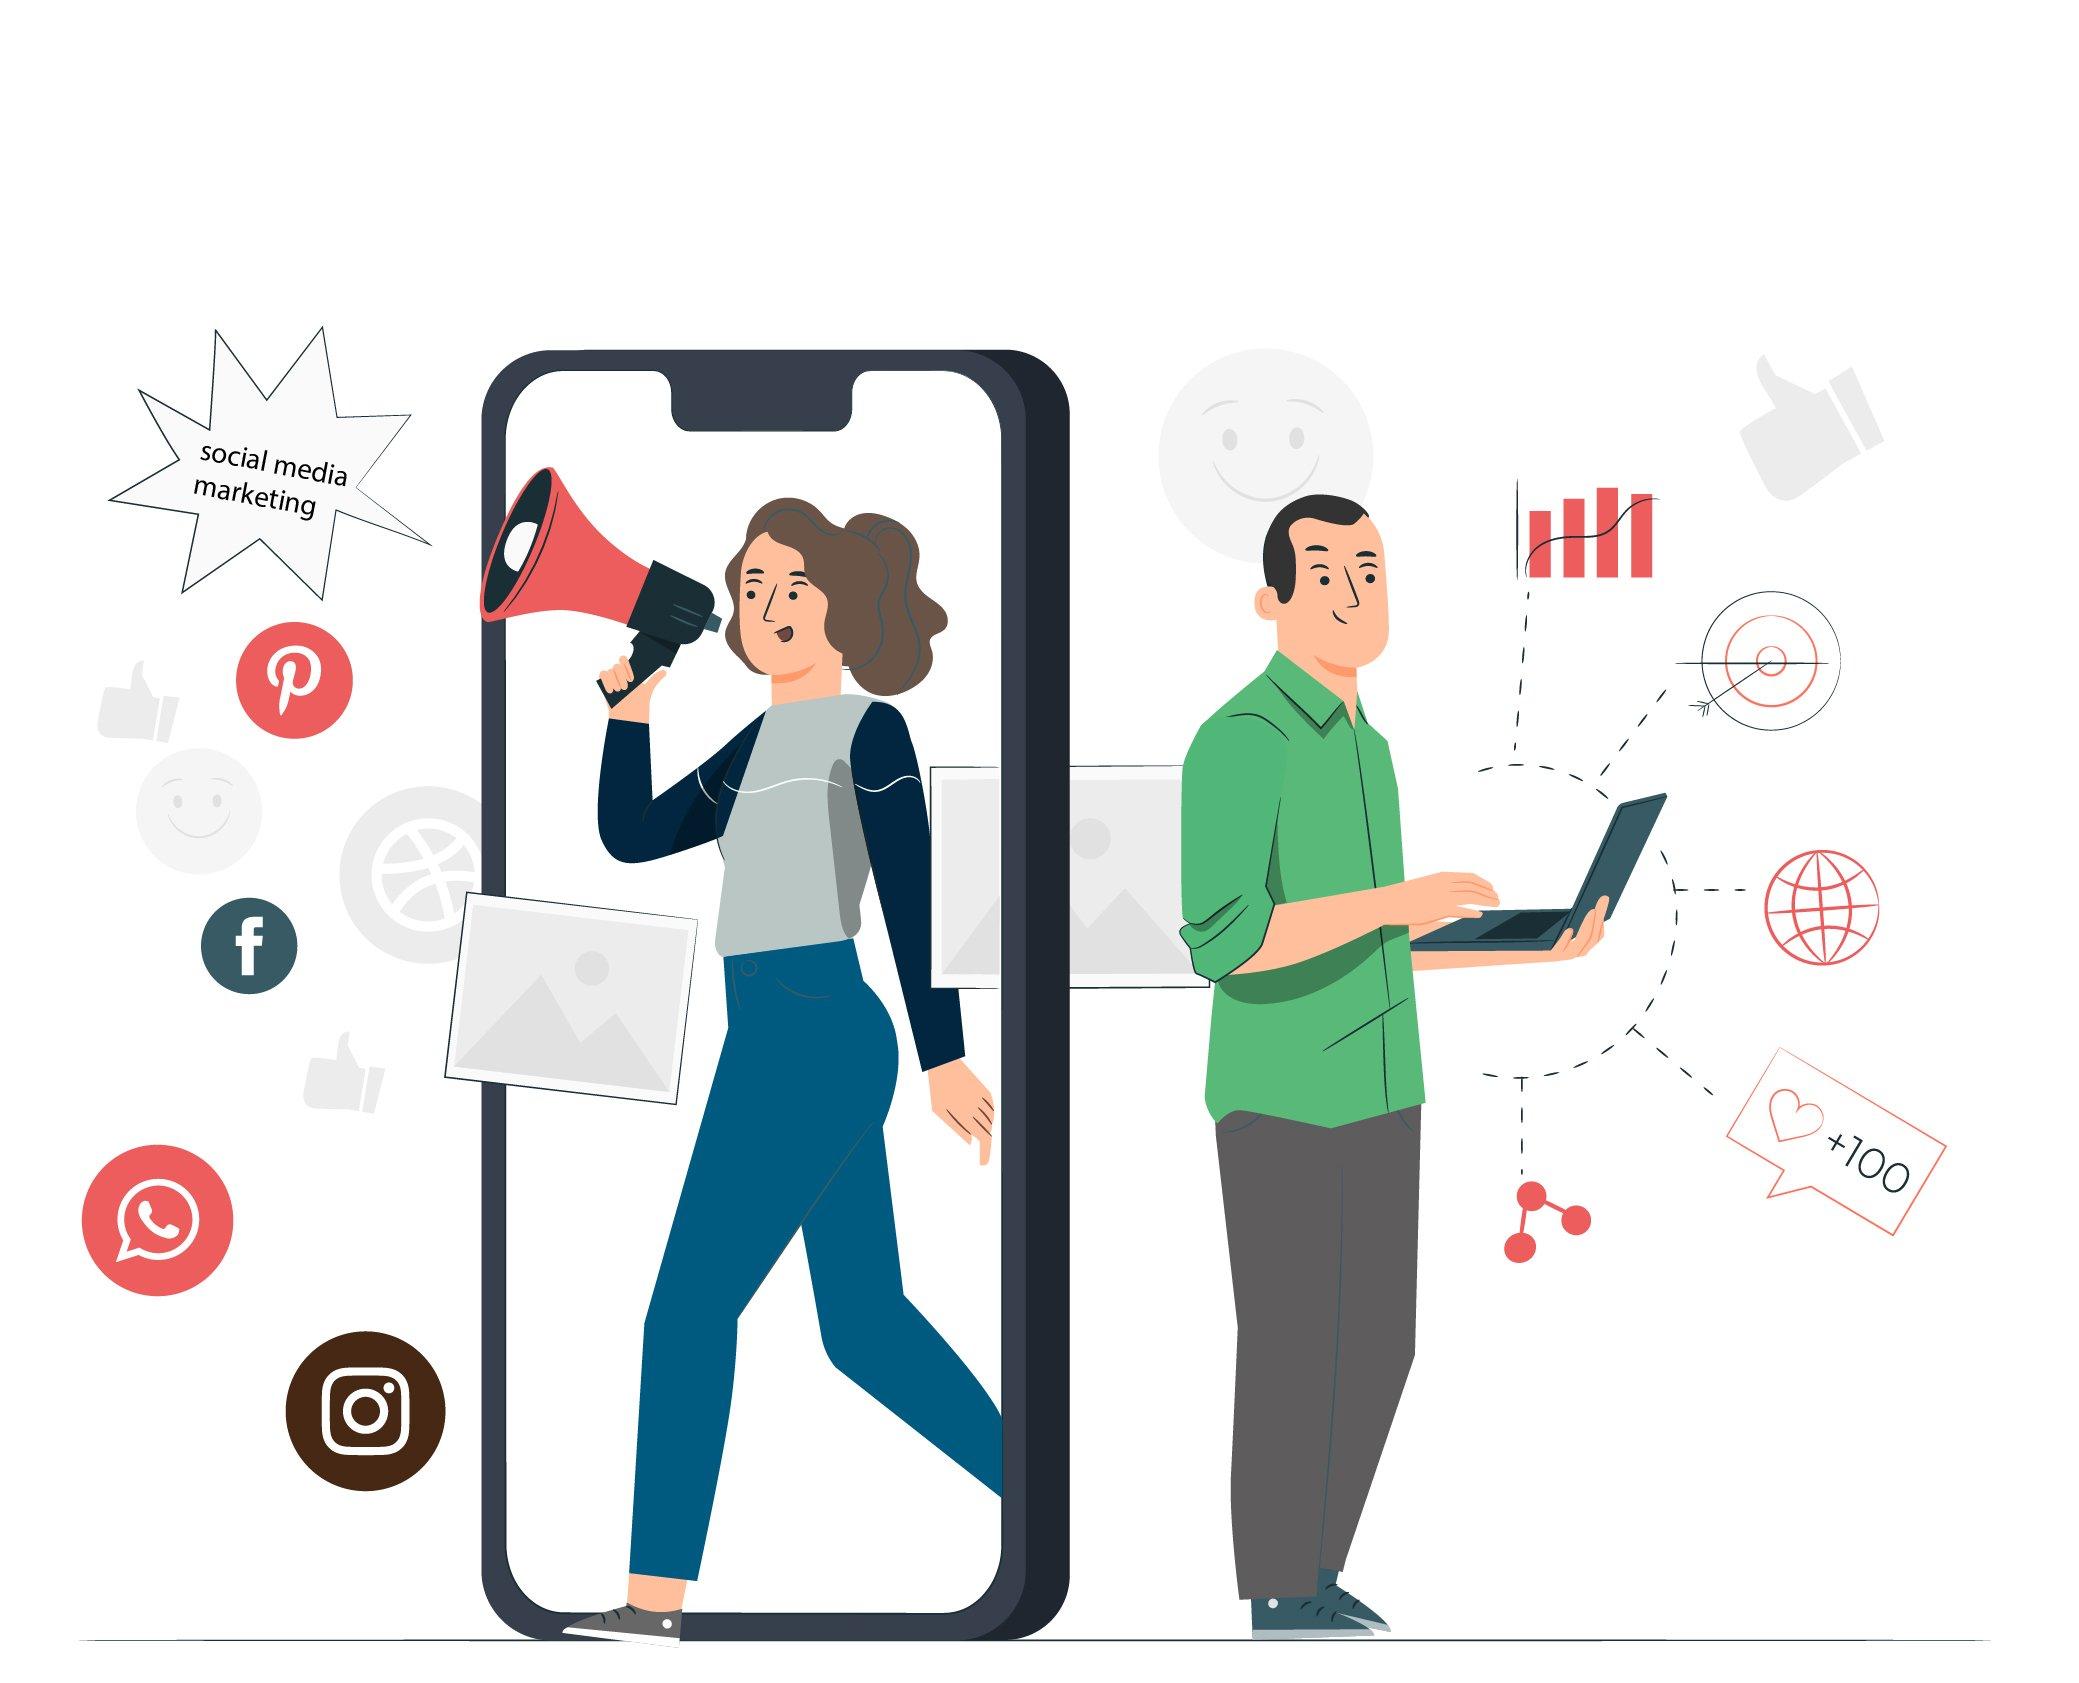 Aplusdigitalsolutions - Digital Marketing Company | Social Media Marketing